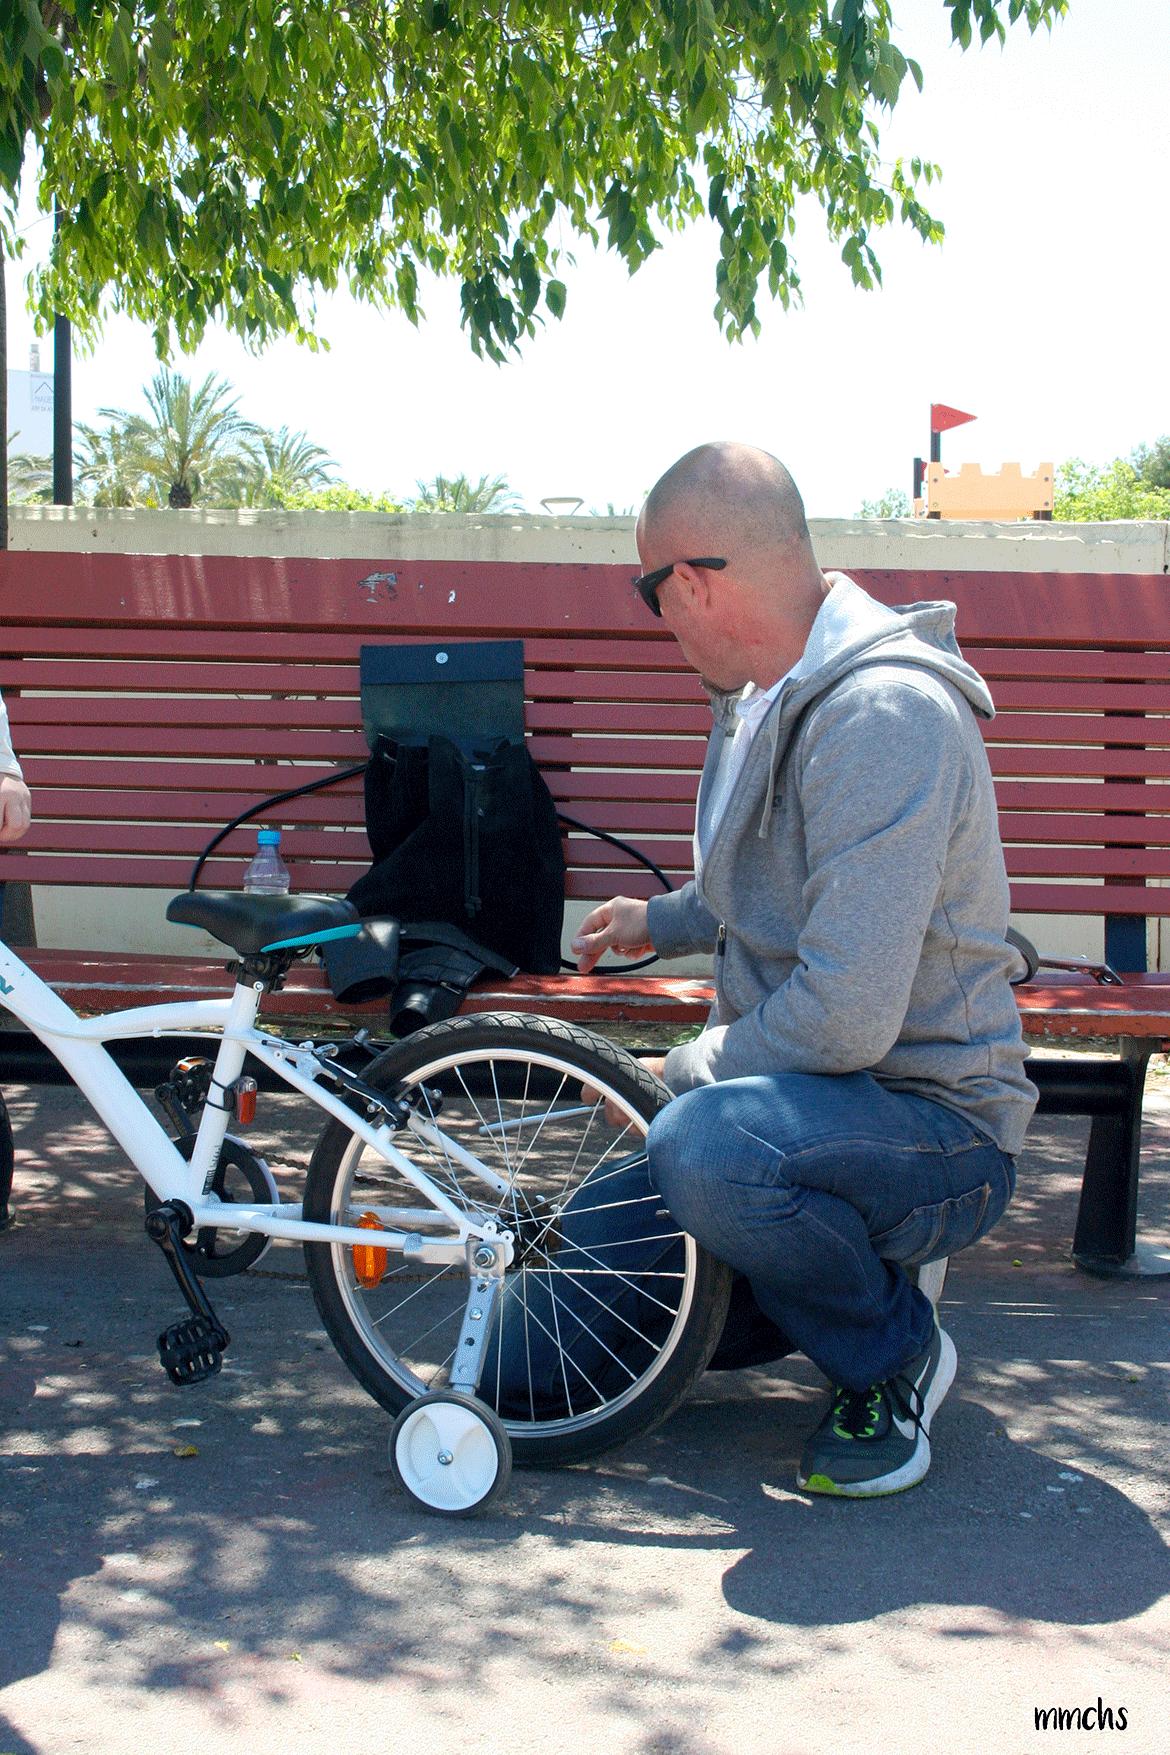 quitarle los ruedines a la bici